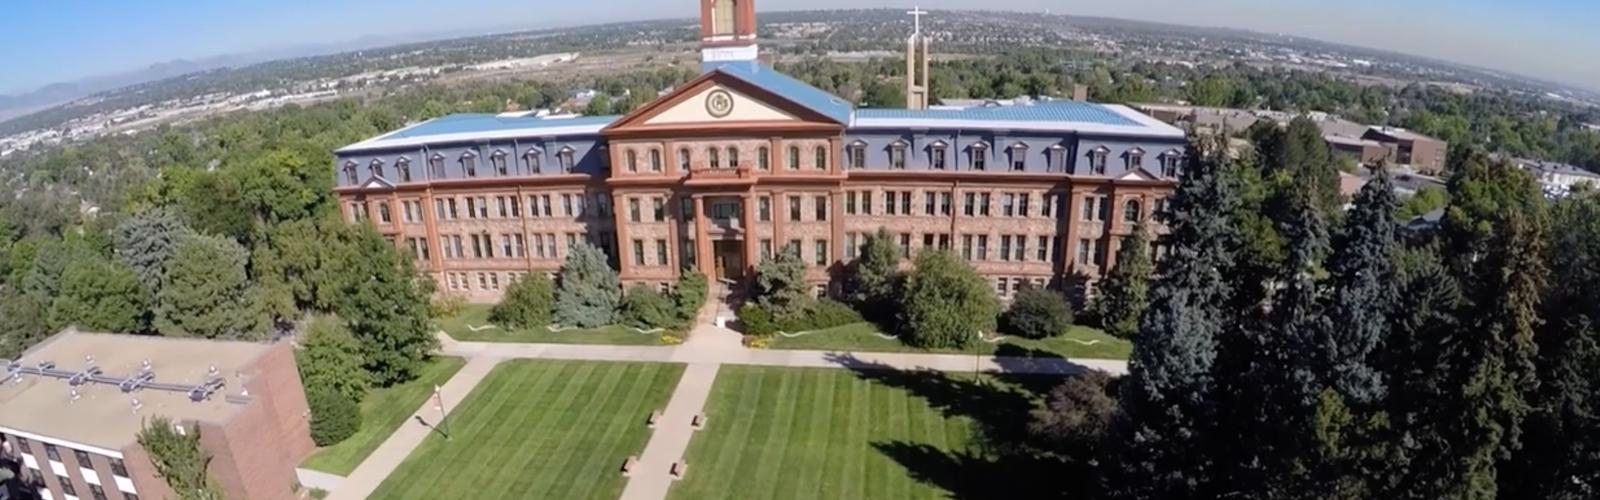 Regis Campus